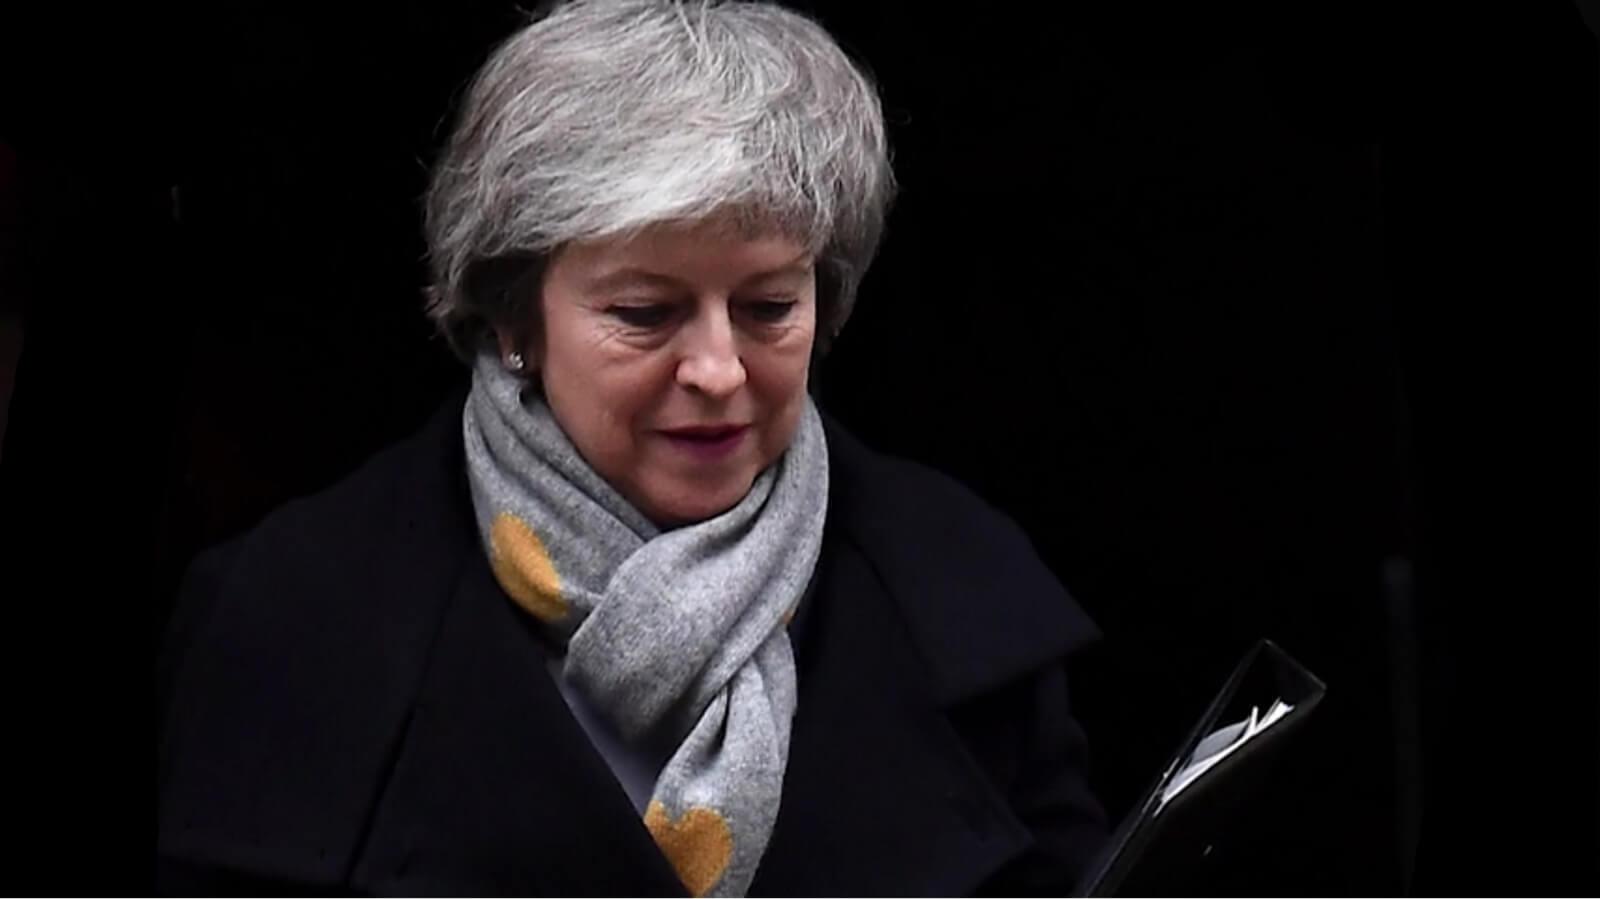 Brexit dopiero w 2021 r.? Premier May znów odkłada głosowanie ws. brexitu